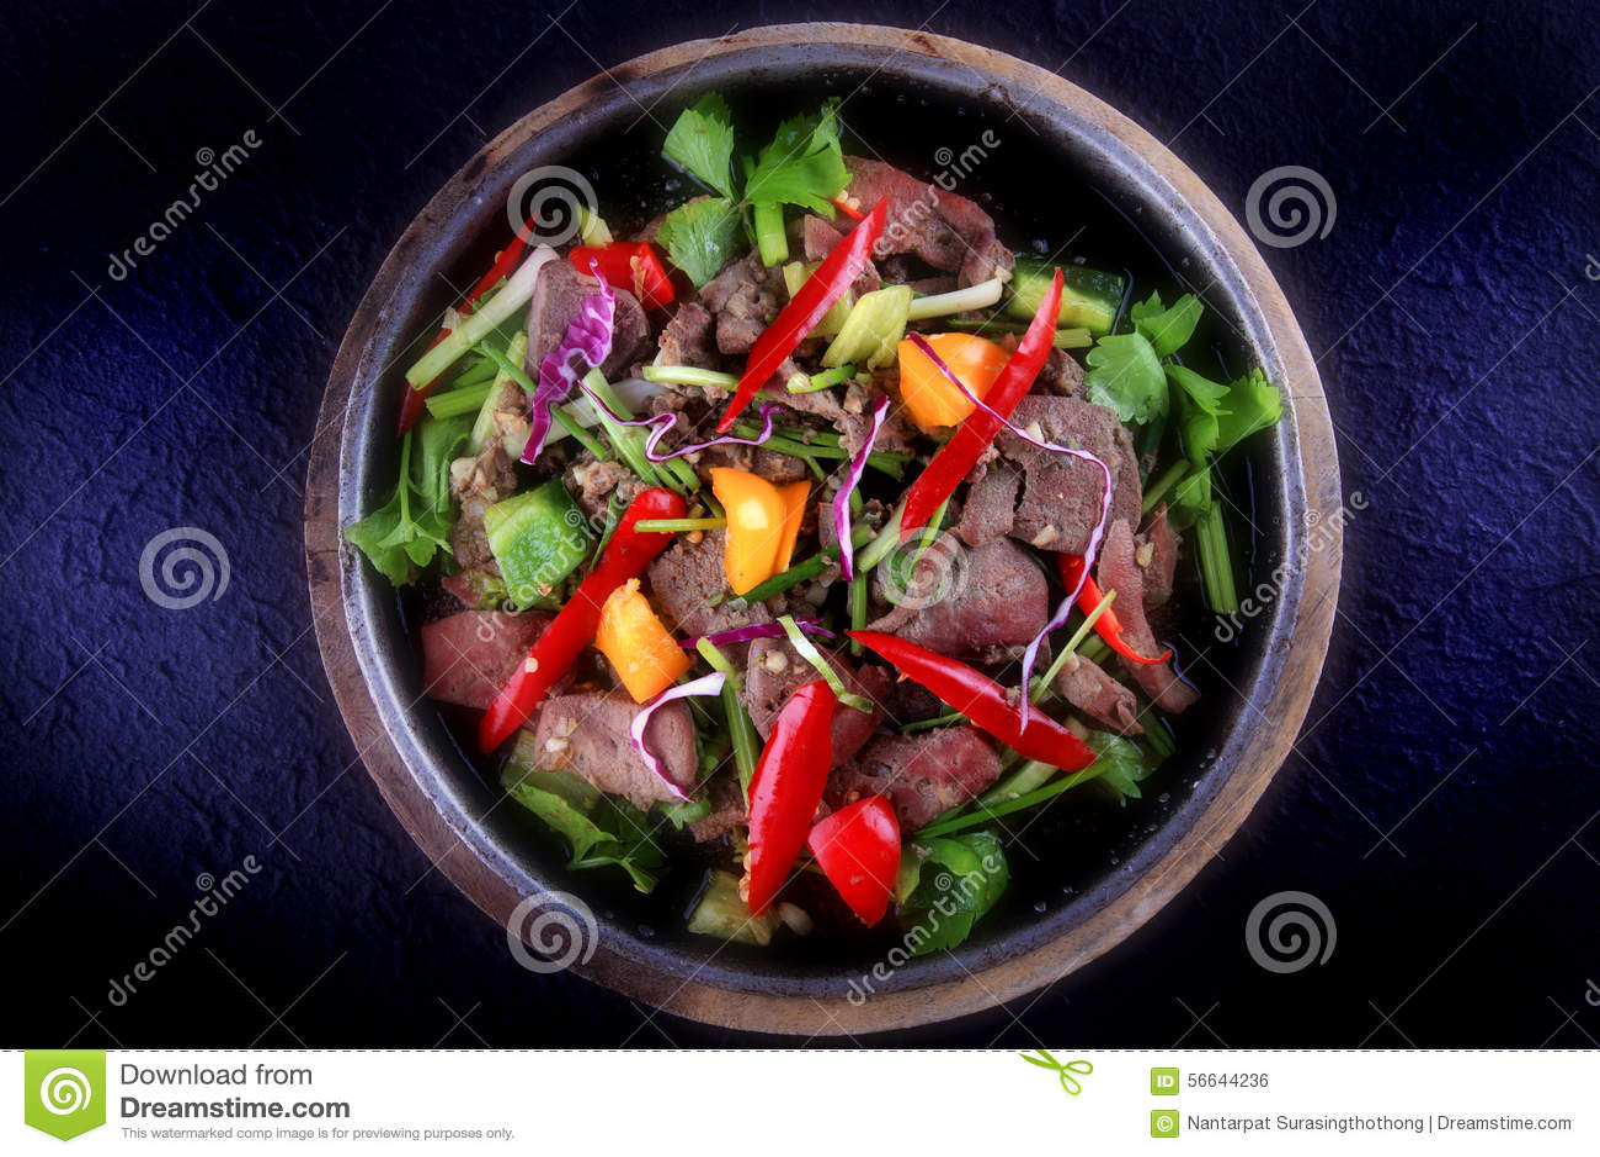 Celery In Thai Food